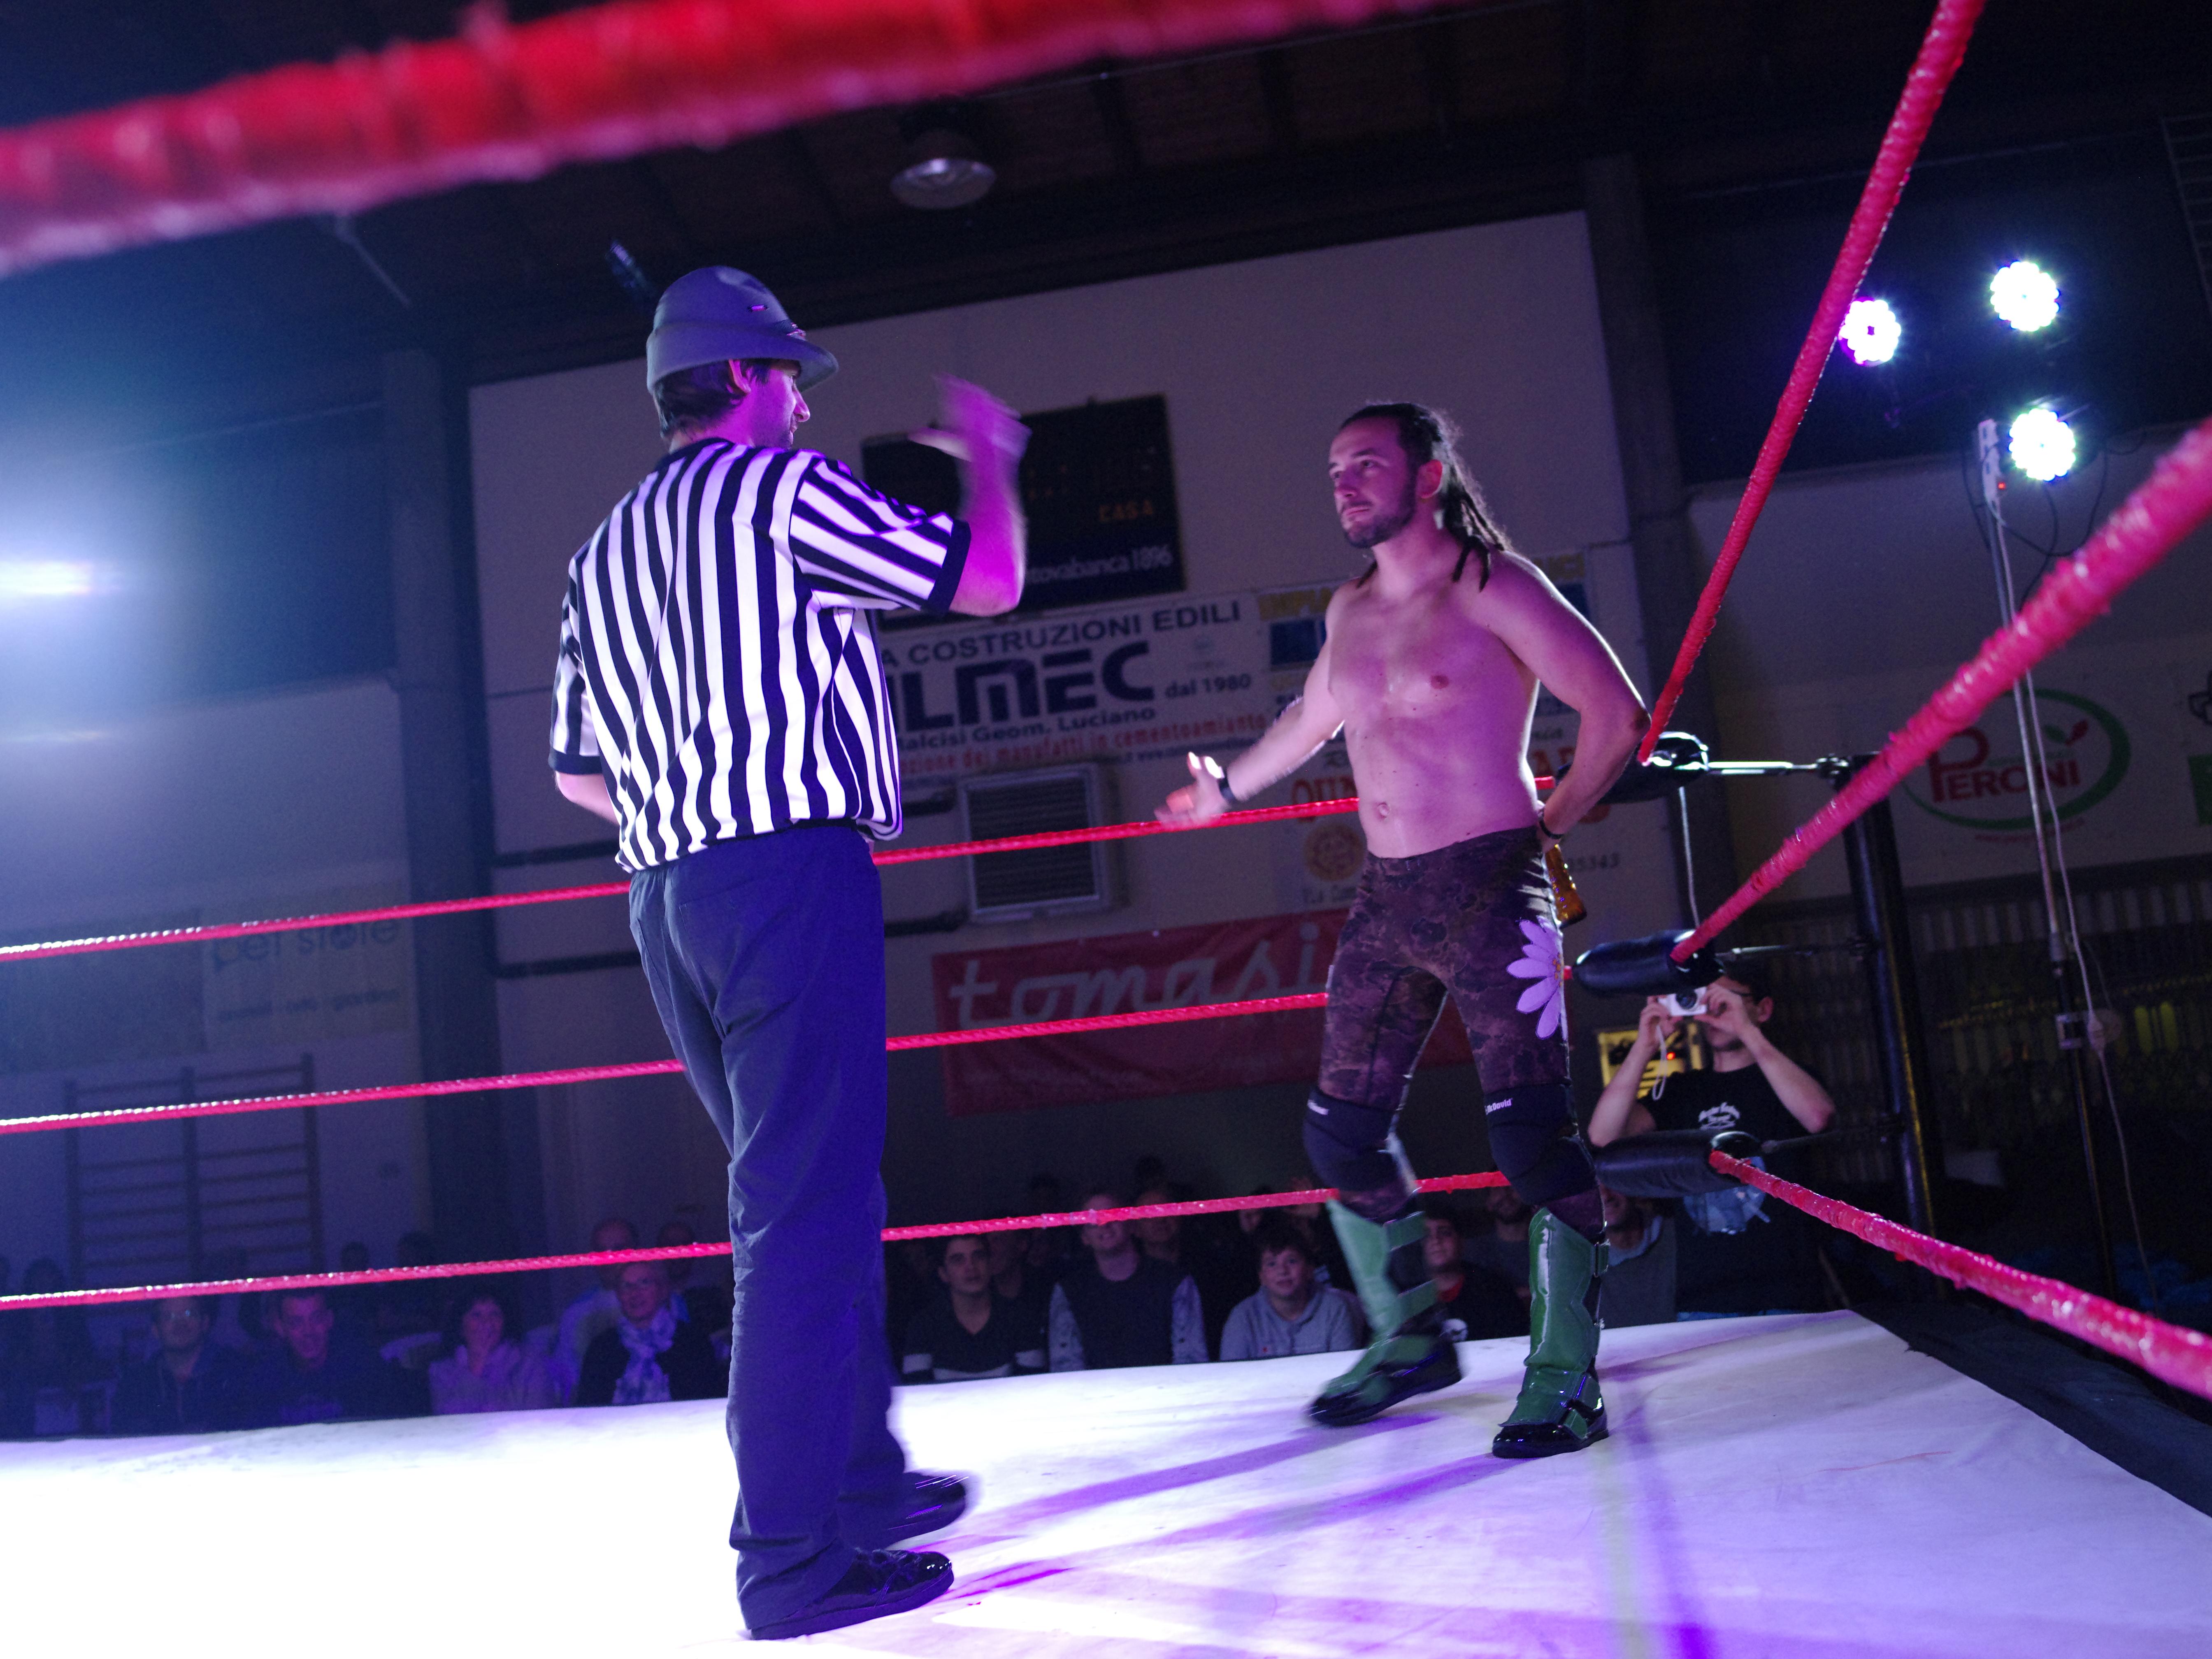 Dopo una grnade vittoria su Psycho Mike a Cold War, Stelvio continua a conquistare vittorie